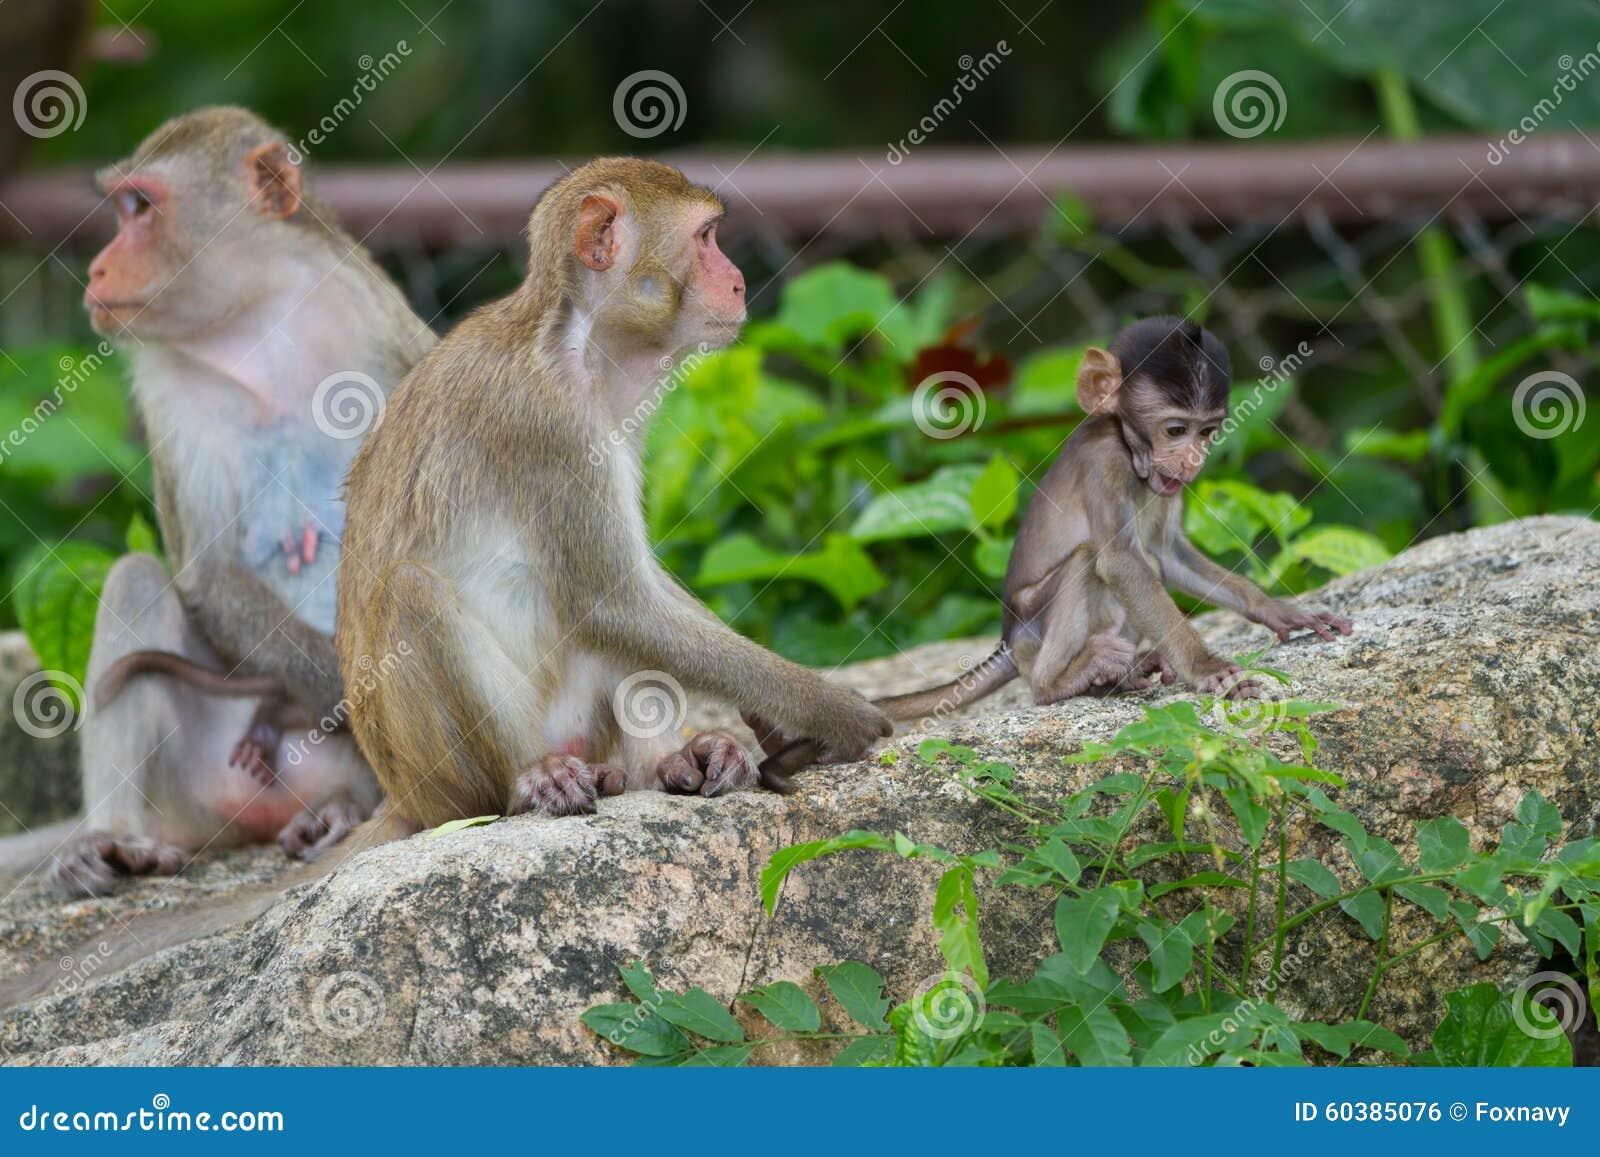 猴子囹�!��:d�yc!y�+�.�9.b9�c9kd_猴子的图片在野生生物的.